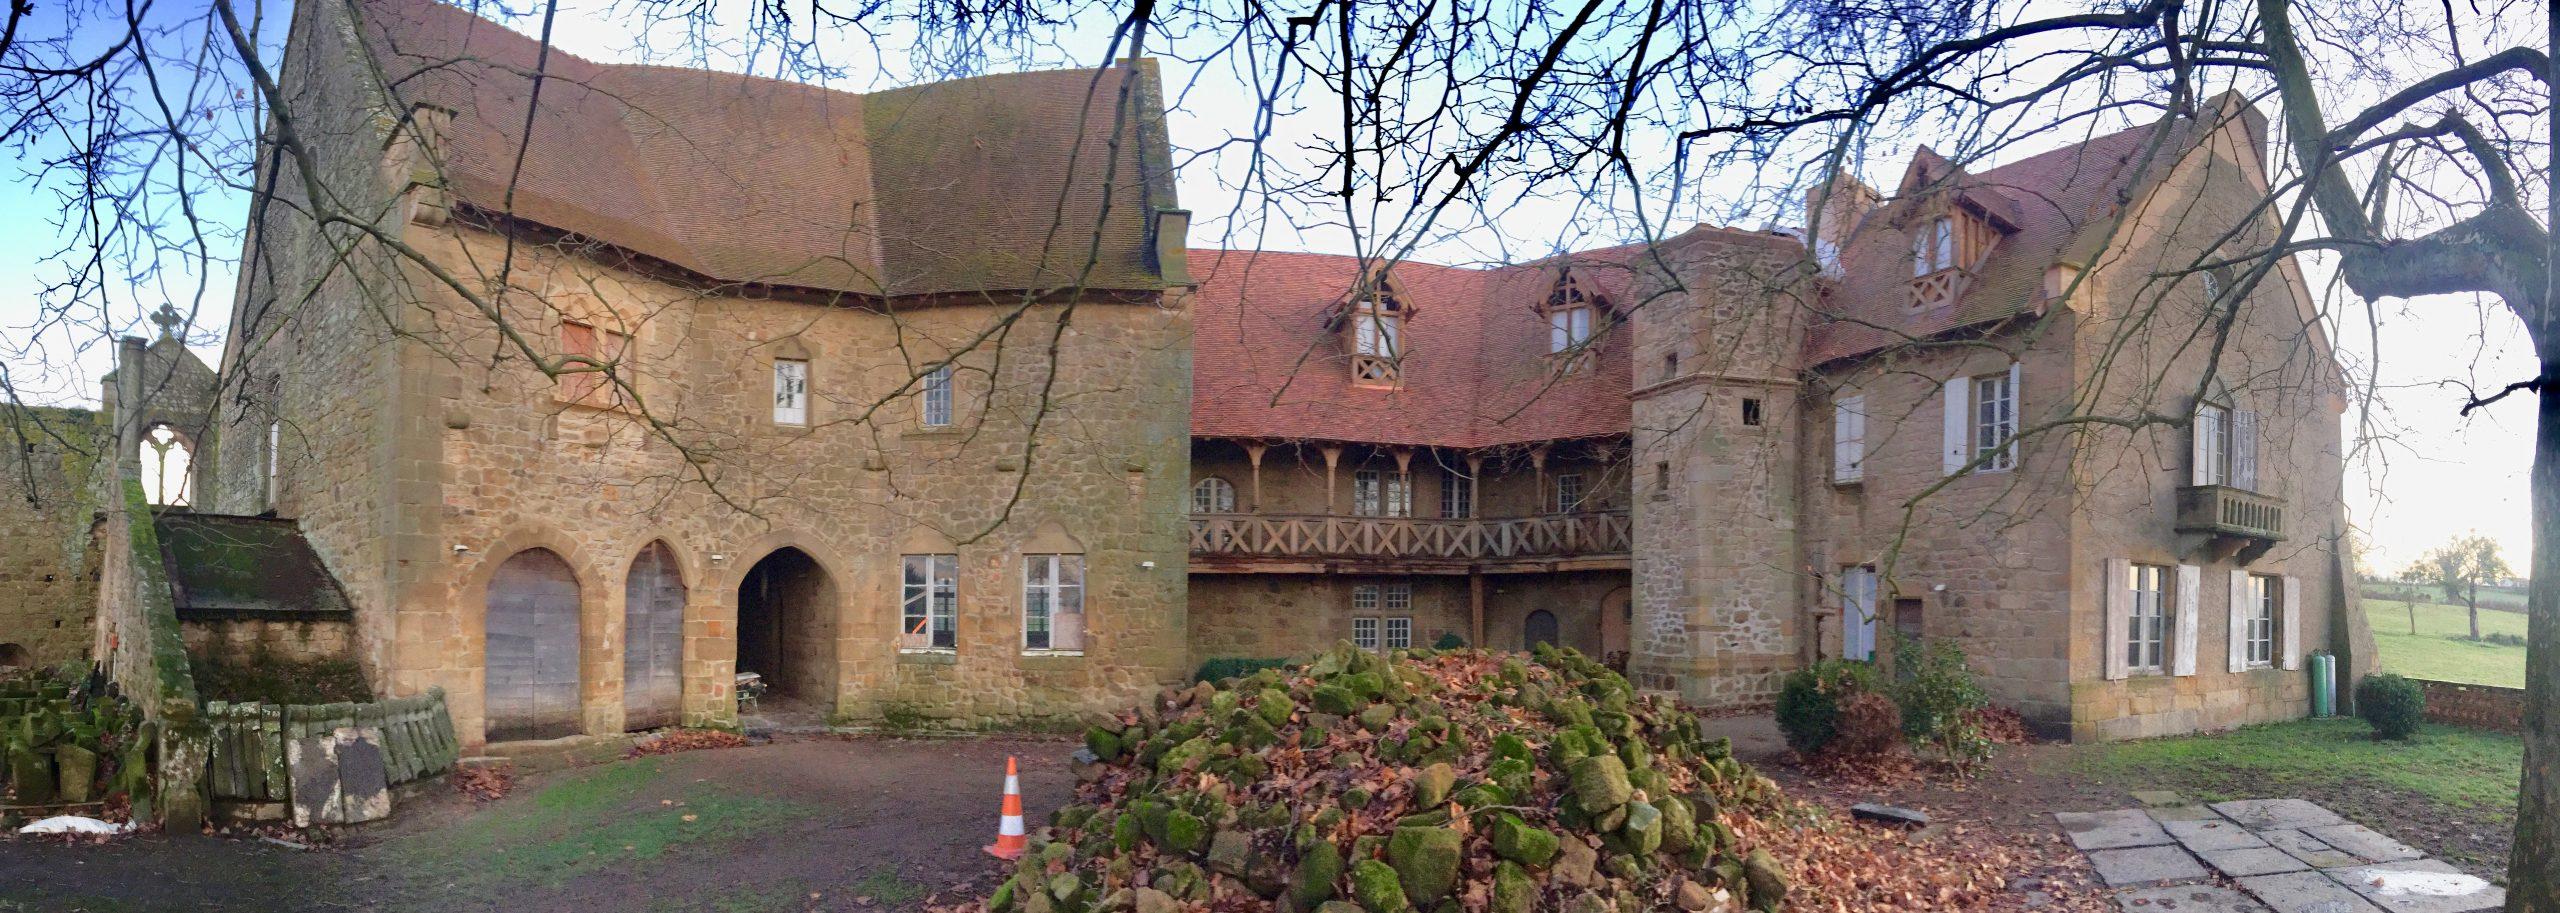 chateau de la condemine allier galerie interieure